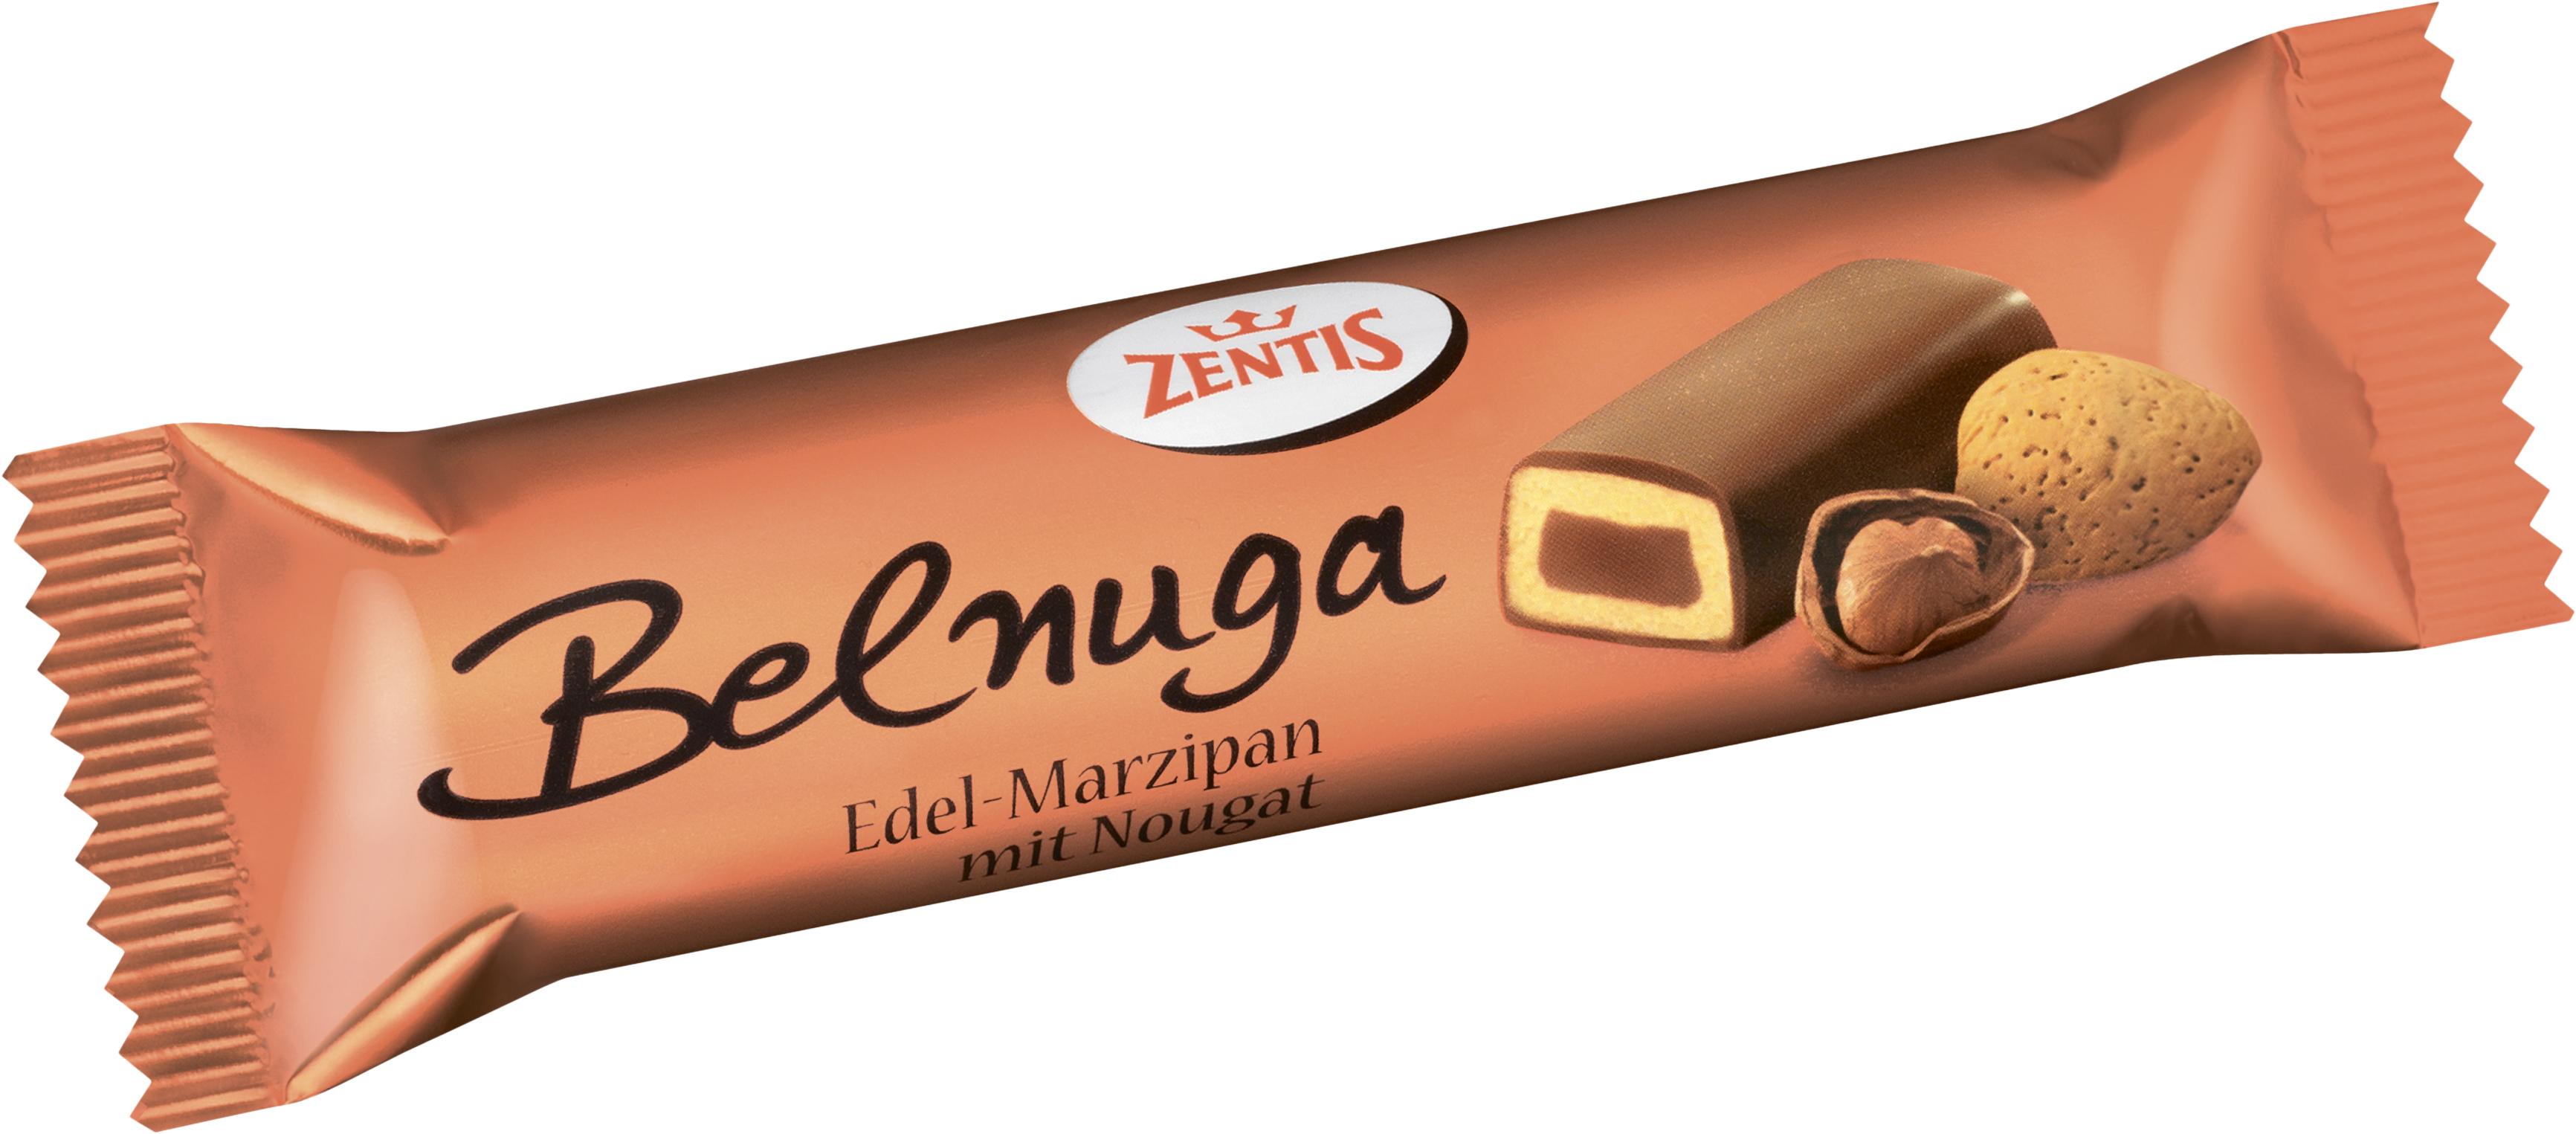 Батончик марципановый Belnuga Zentis